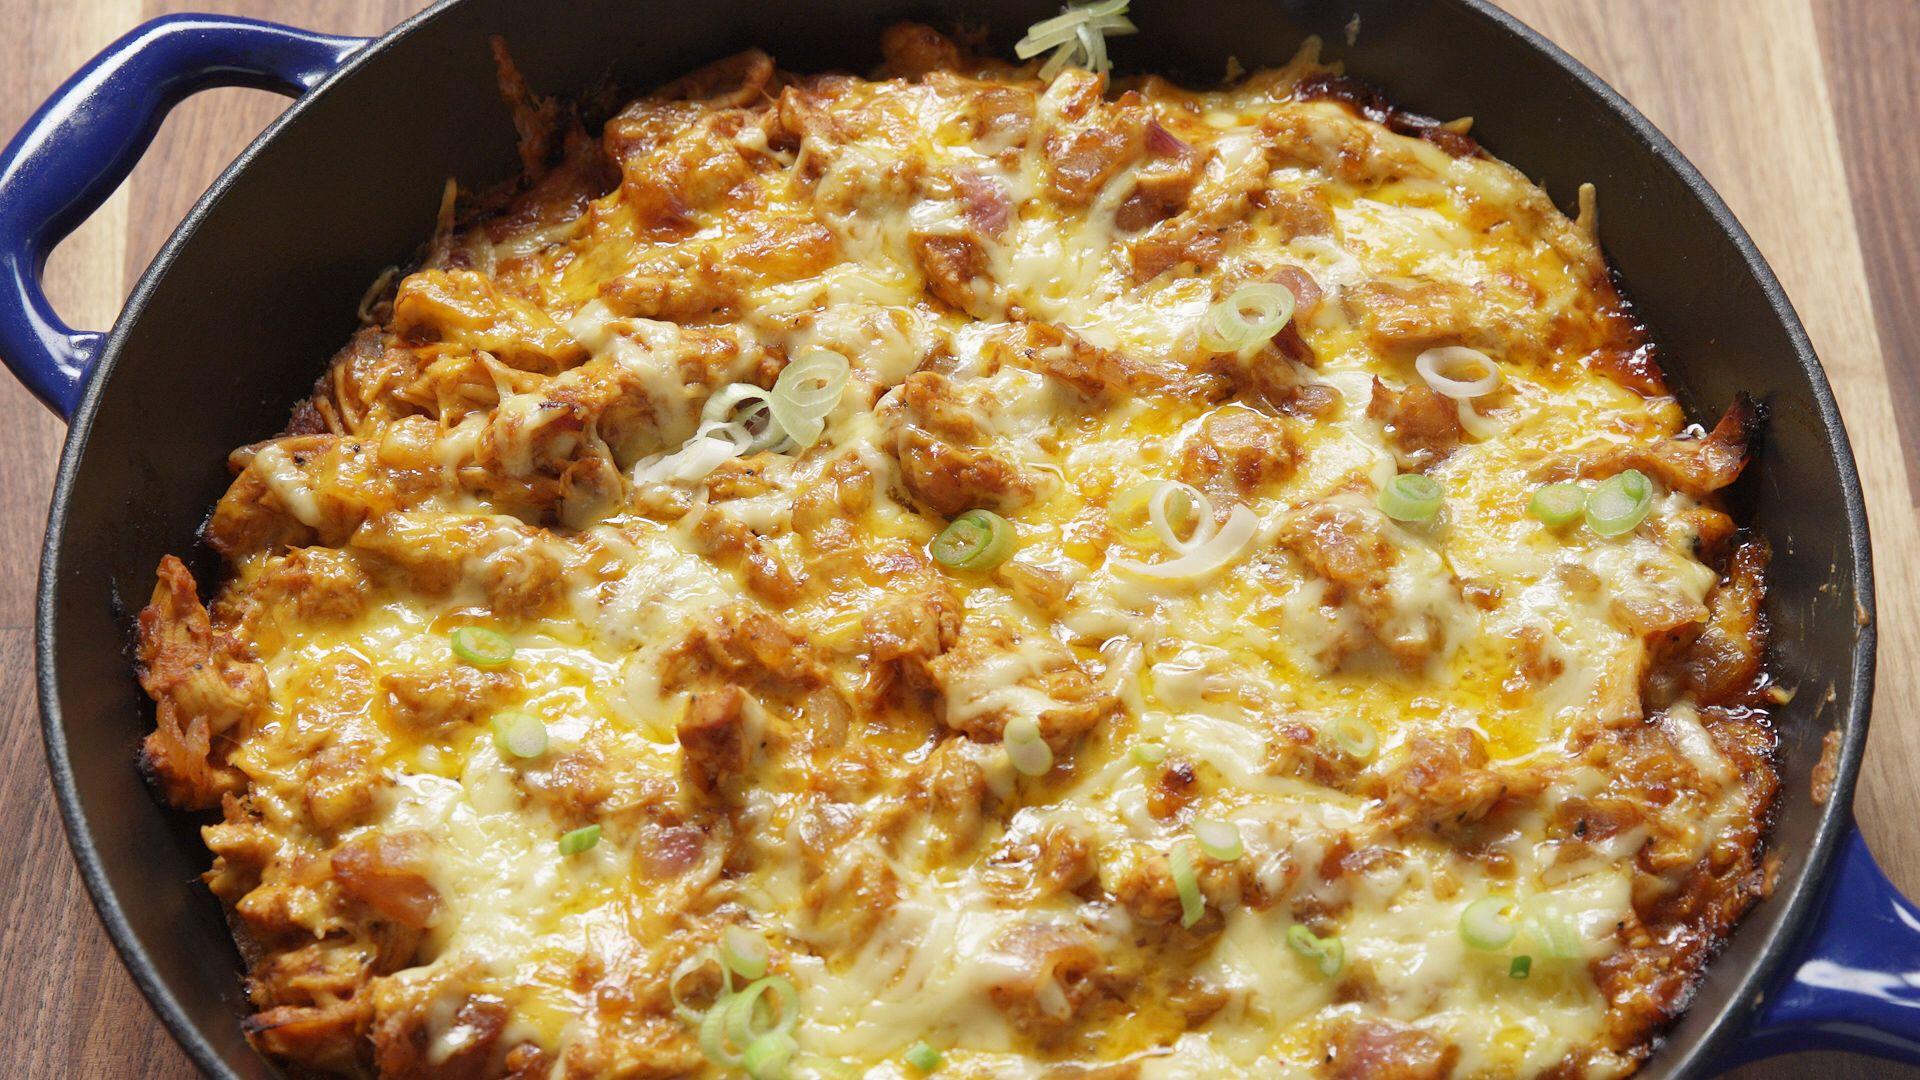 Bbq Chicken Cornbread Skillet  Recipe  Food Recipes -8703